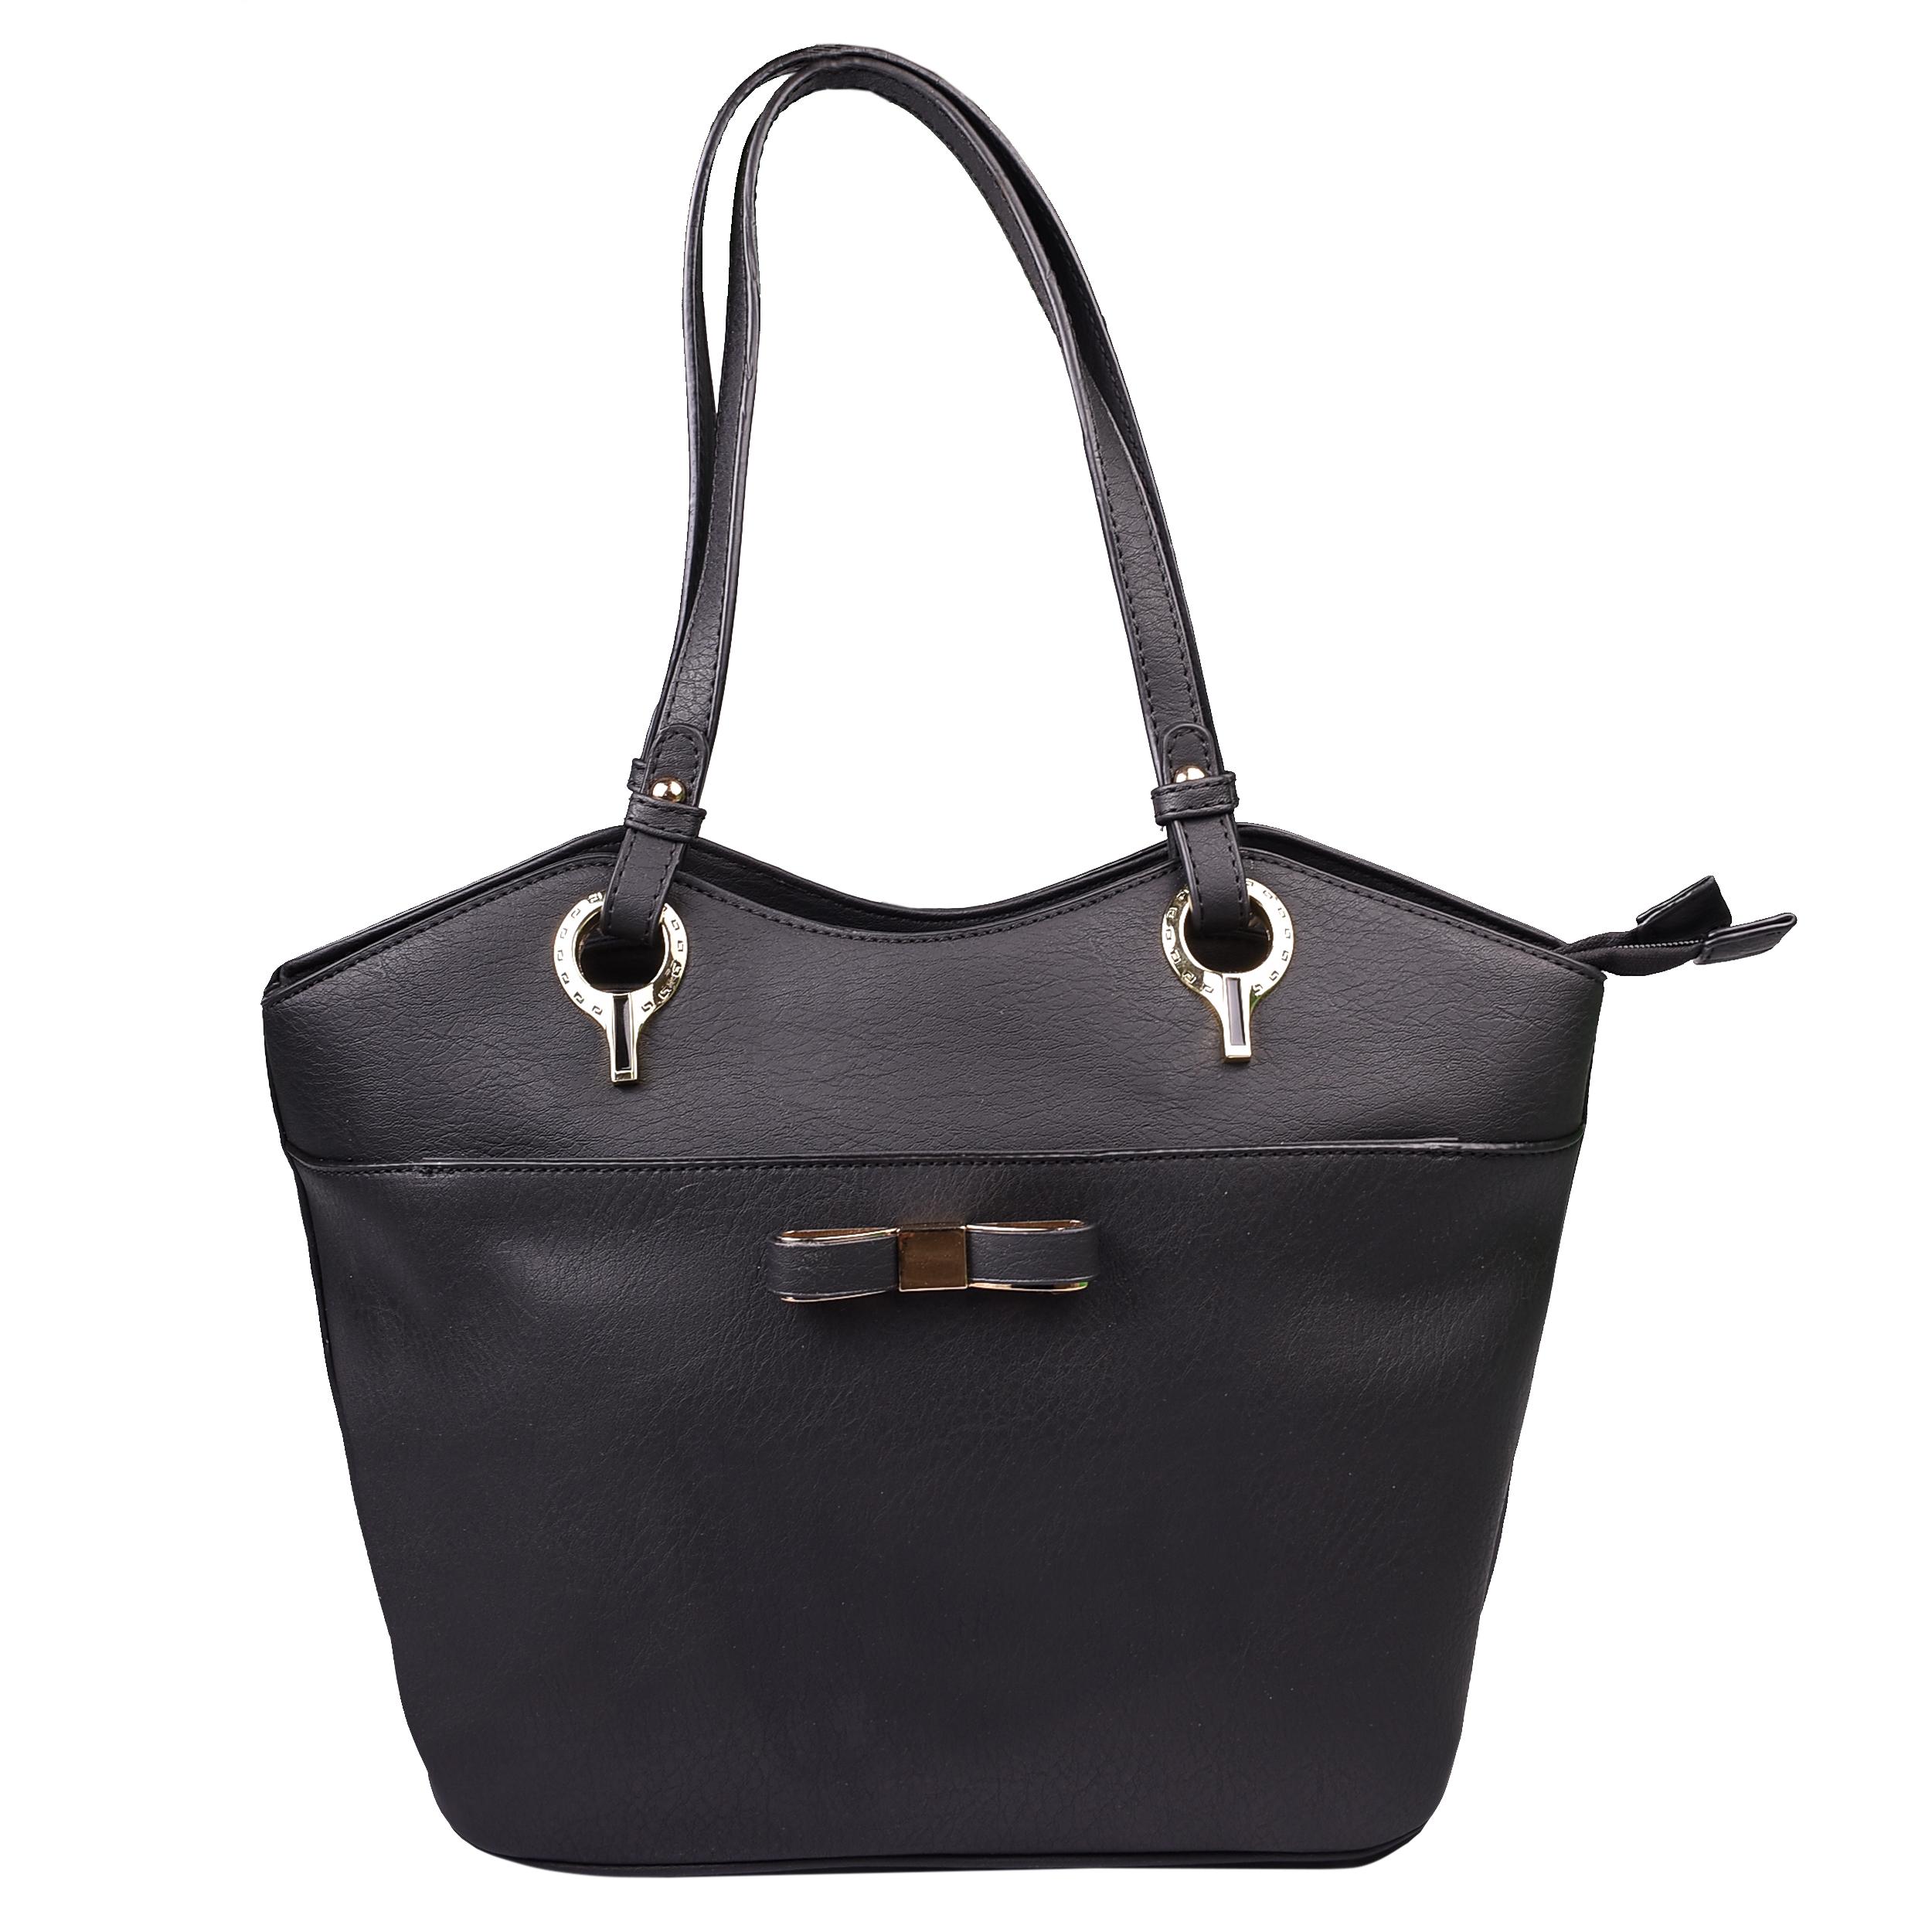 کیف زنانه مدل 705 رنگ مشکی سایز L